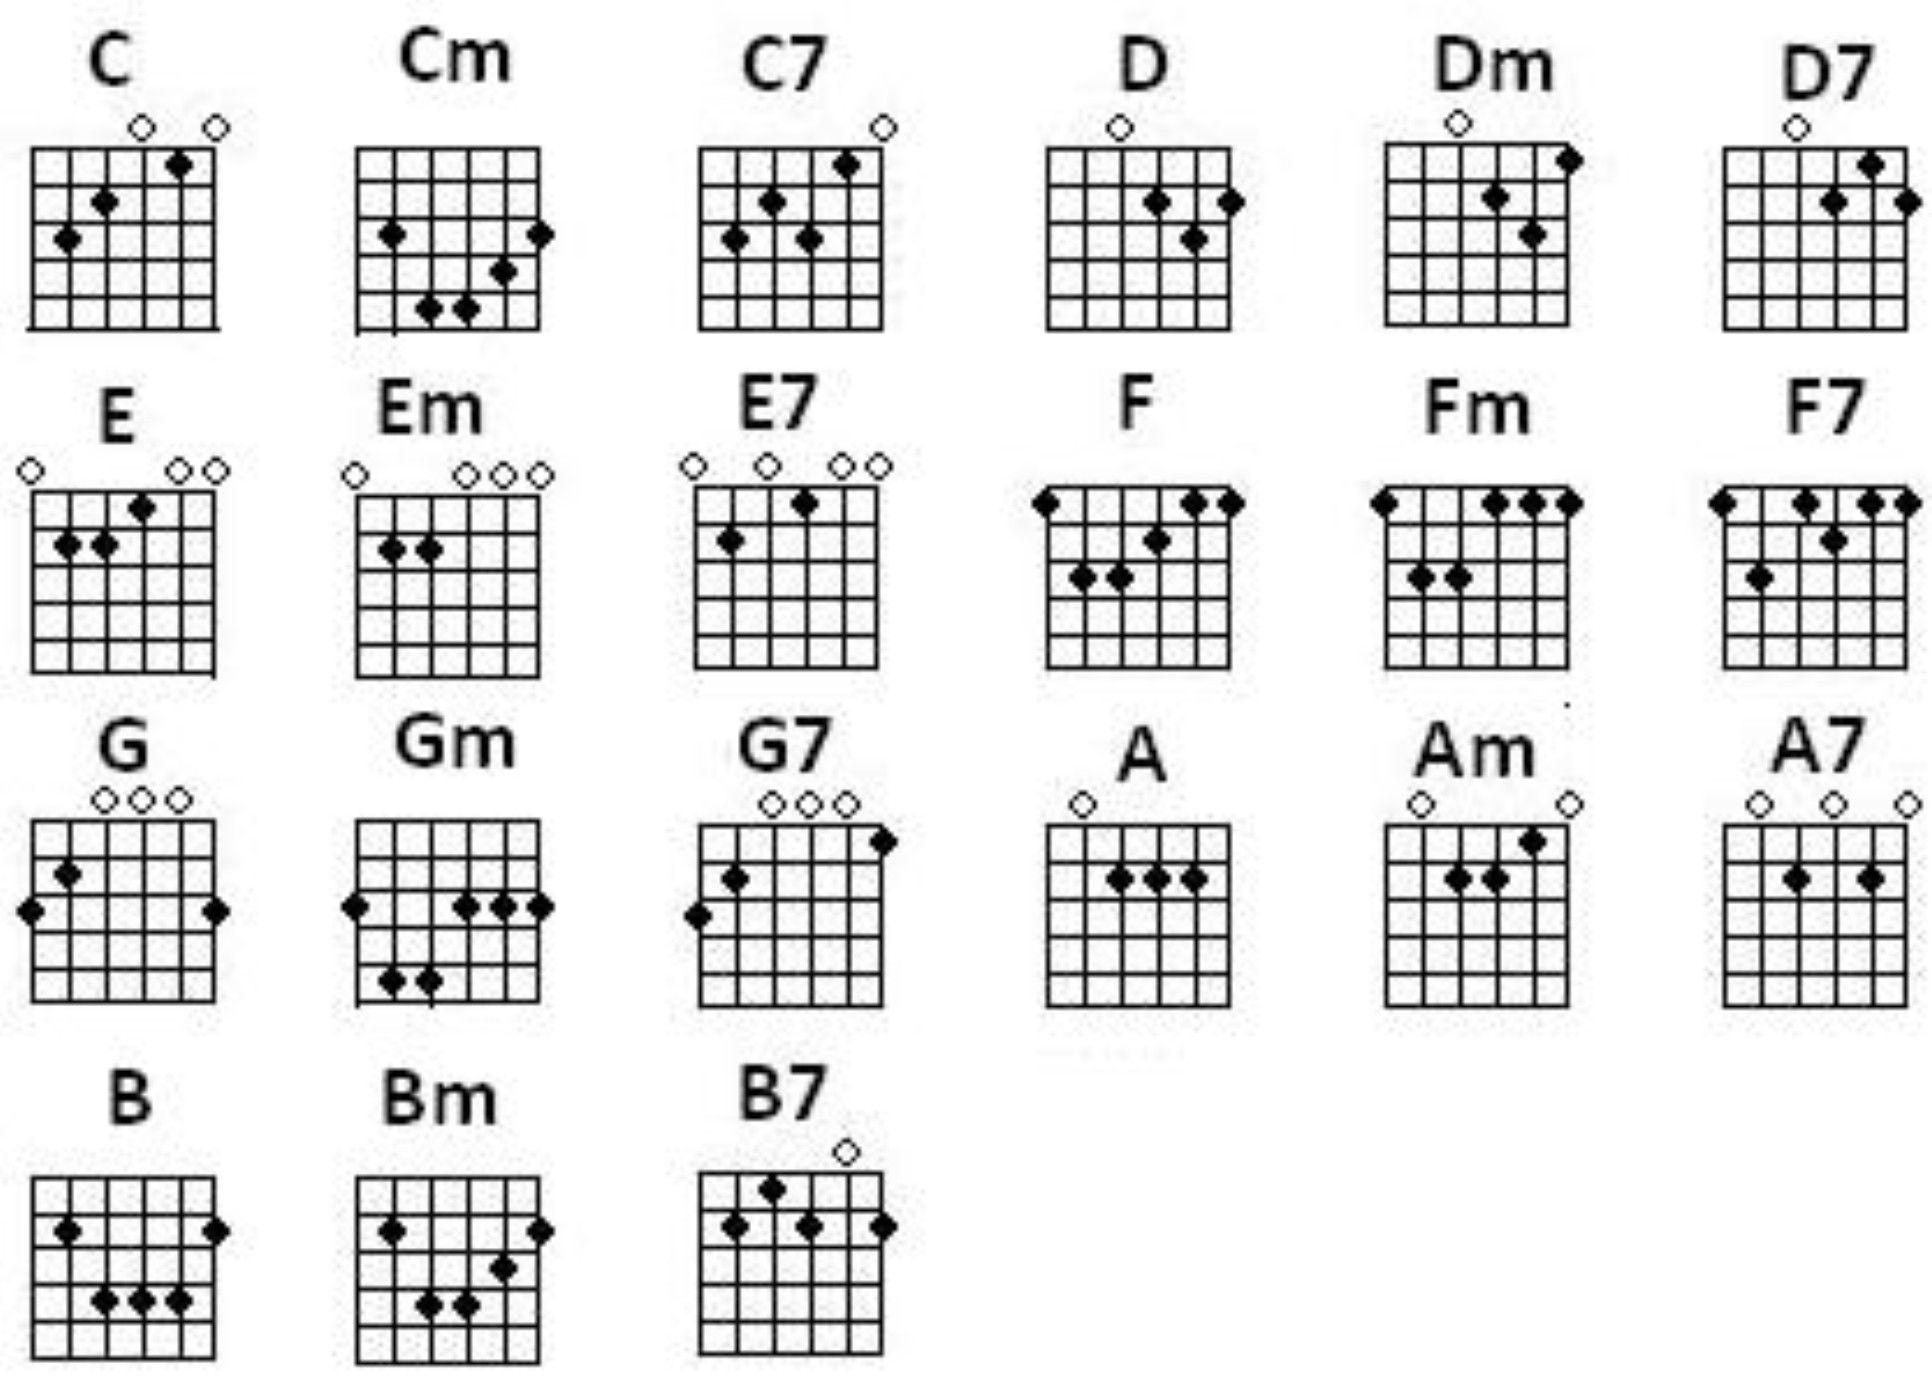 คอร ดก ต าร โปร ง ตารางคอร ดก ต าร ตารางคอร ดก ต าร โปร ง Easy Guitar Songs Guitar Chord Chart Free Guitar Chords